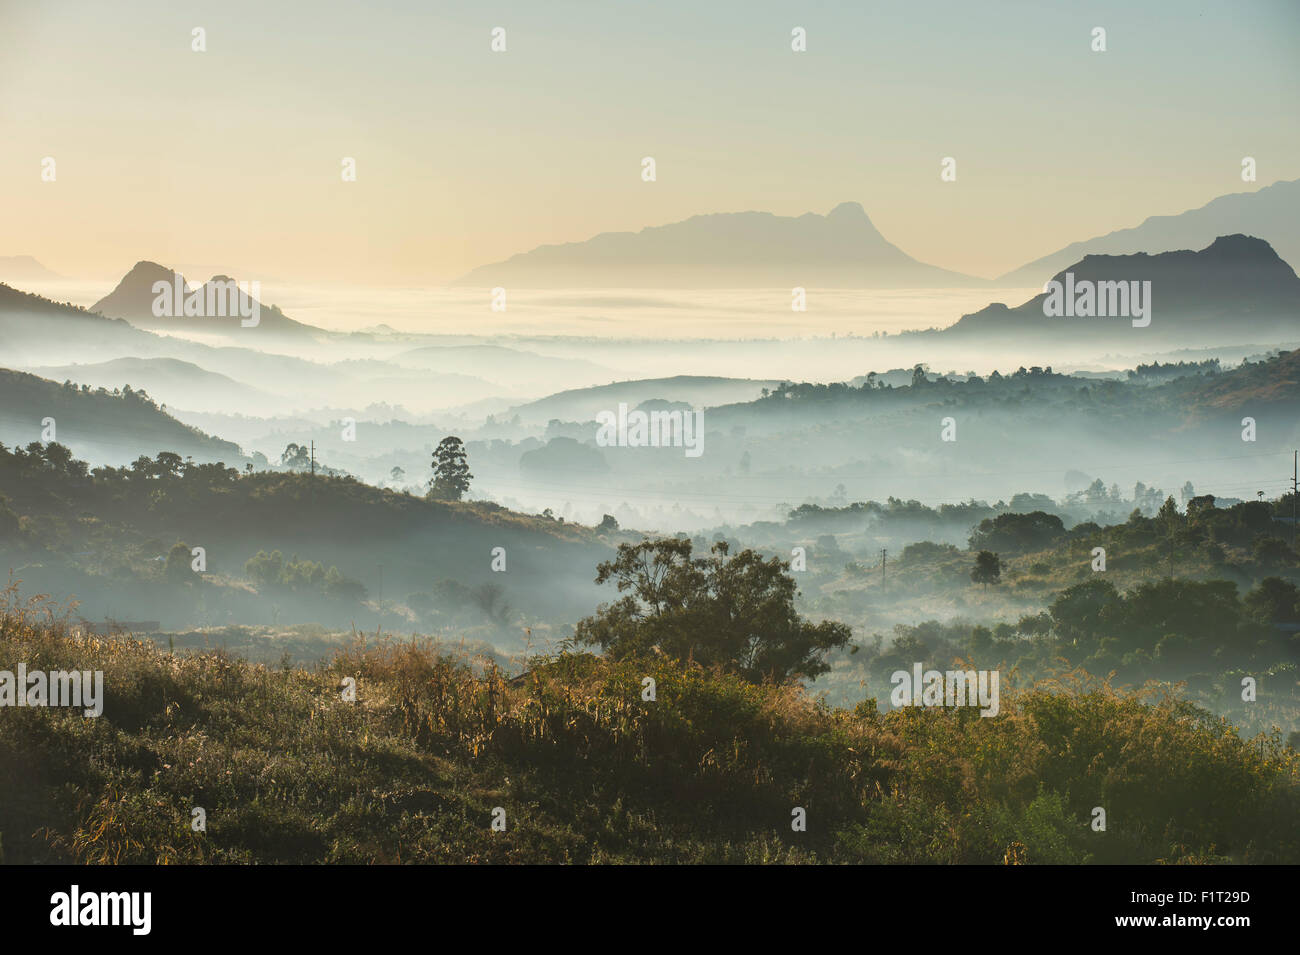 El amanecer y la niebla sobre las montañas de los alrededores de Blantyre, Malawi, Africa. Imagen De Stock